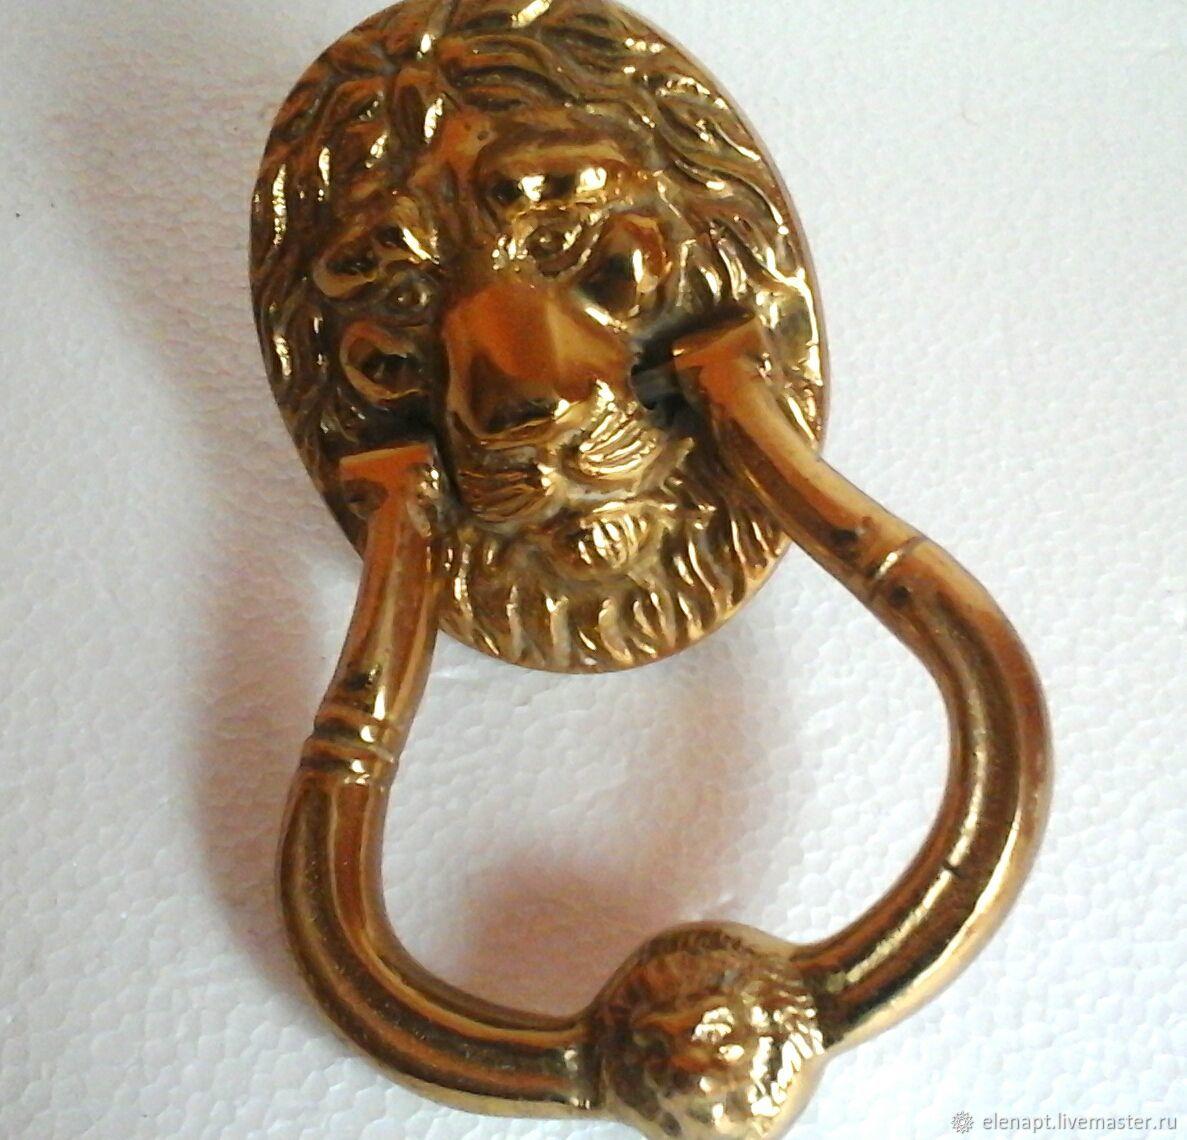 Vintage Chic vintage bronze knocker handle with lion head, Vintage interior, ,  Фото №1